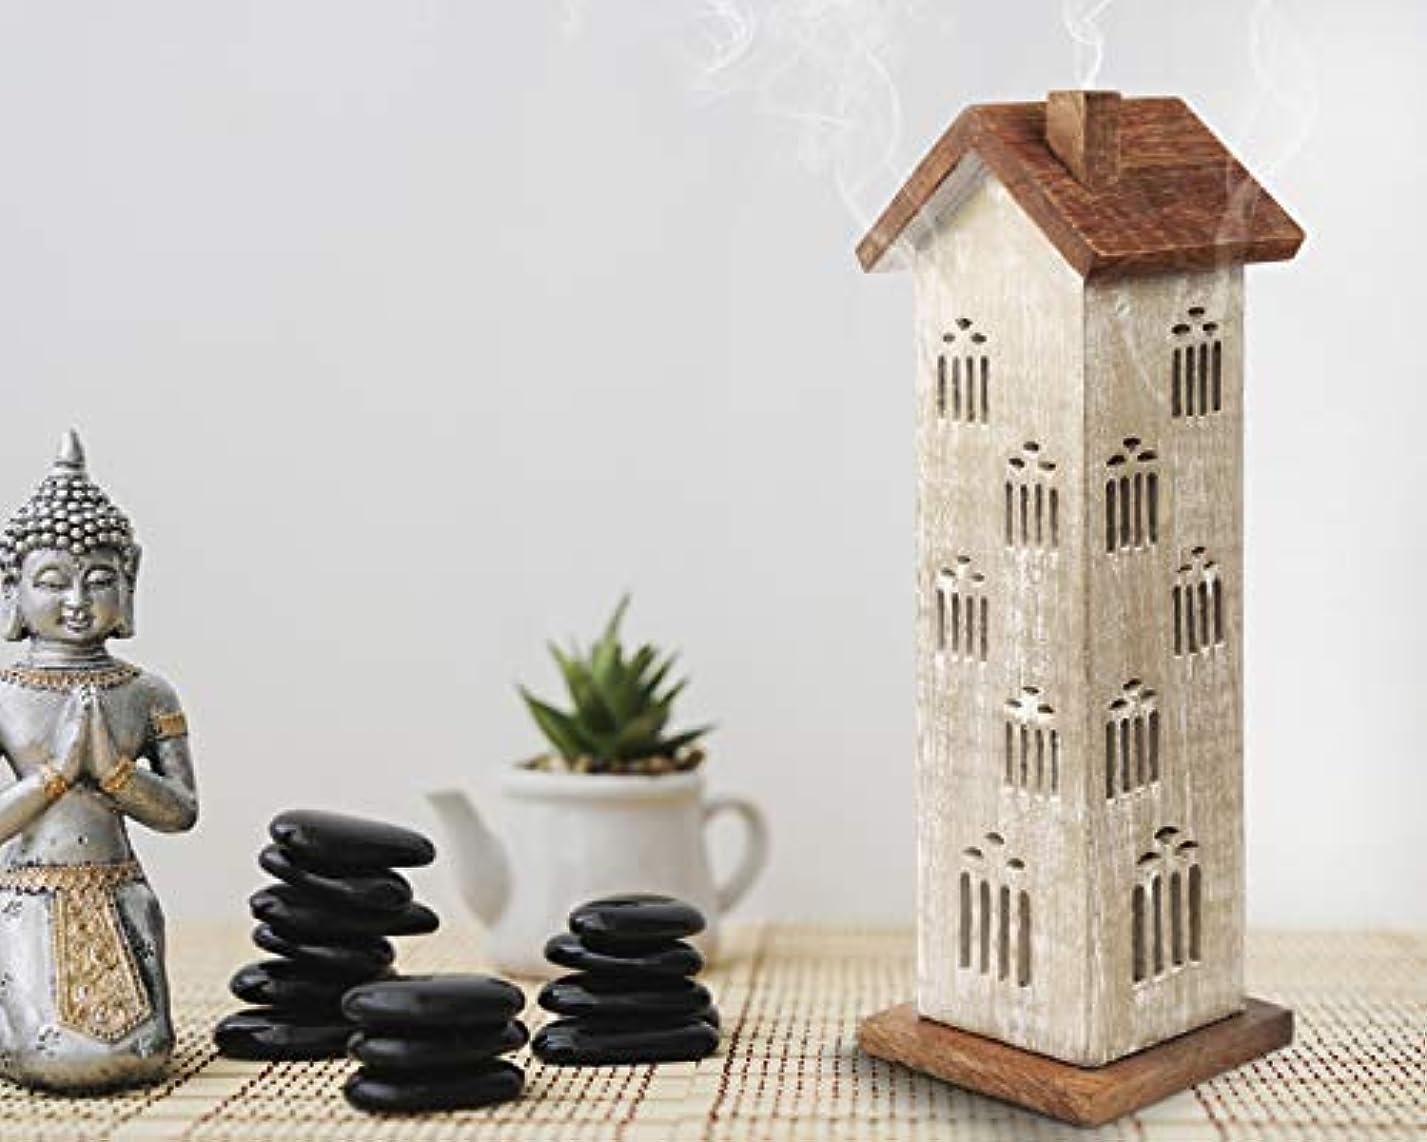 電化する帝国同僚storeindya 感謝祭ギフト 木製タワーハウスお香ホルダー アッシュキャッチャー付き 装飾的 無料 オーガニックお香3本